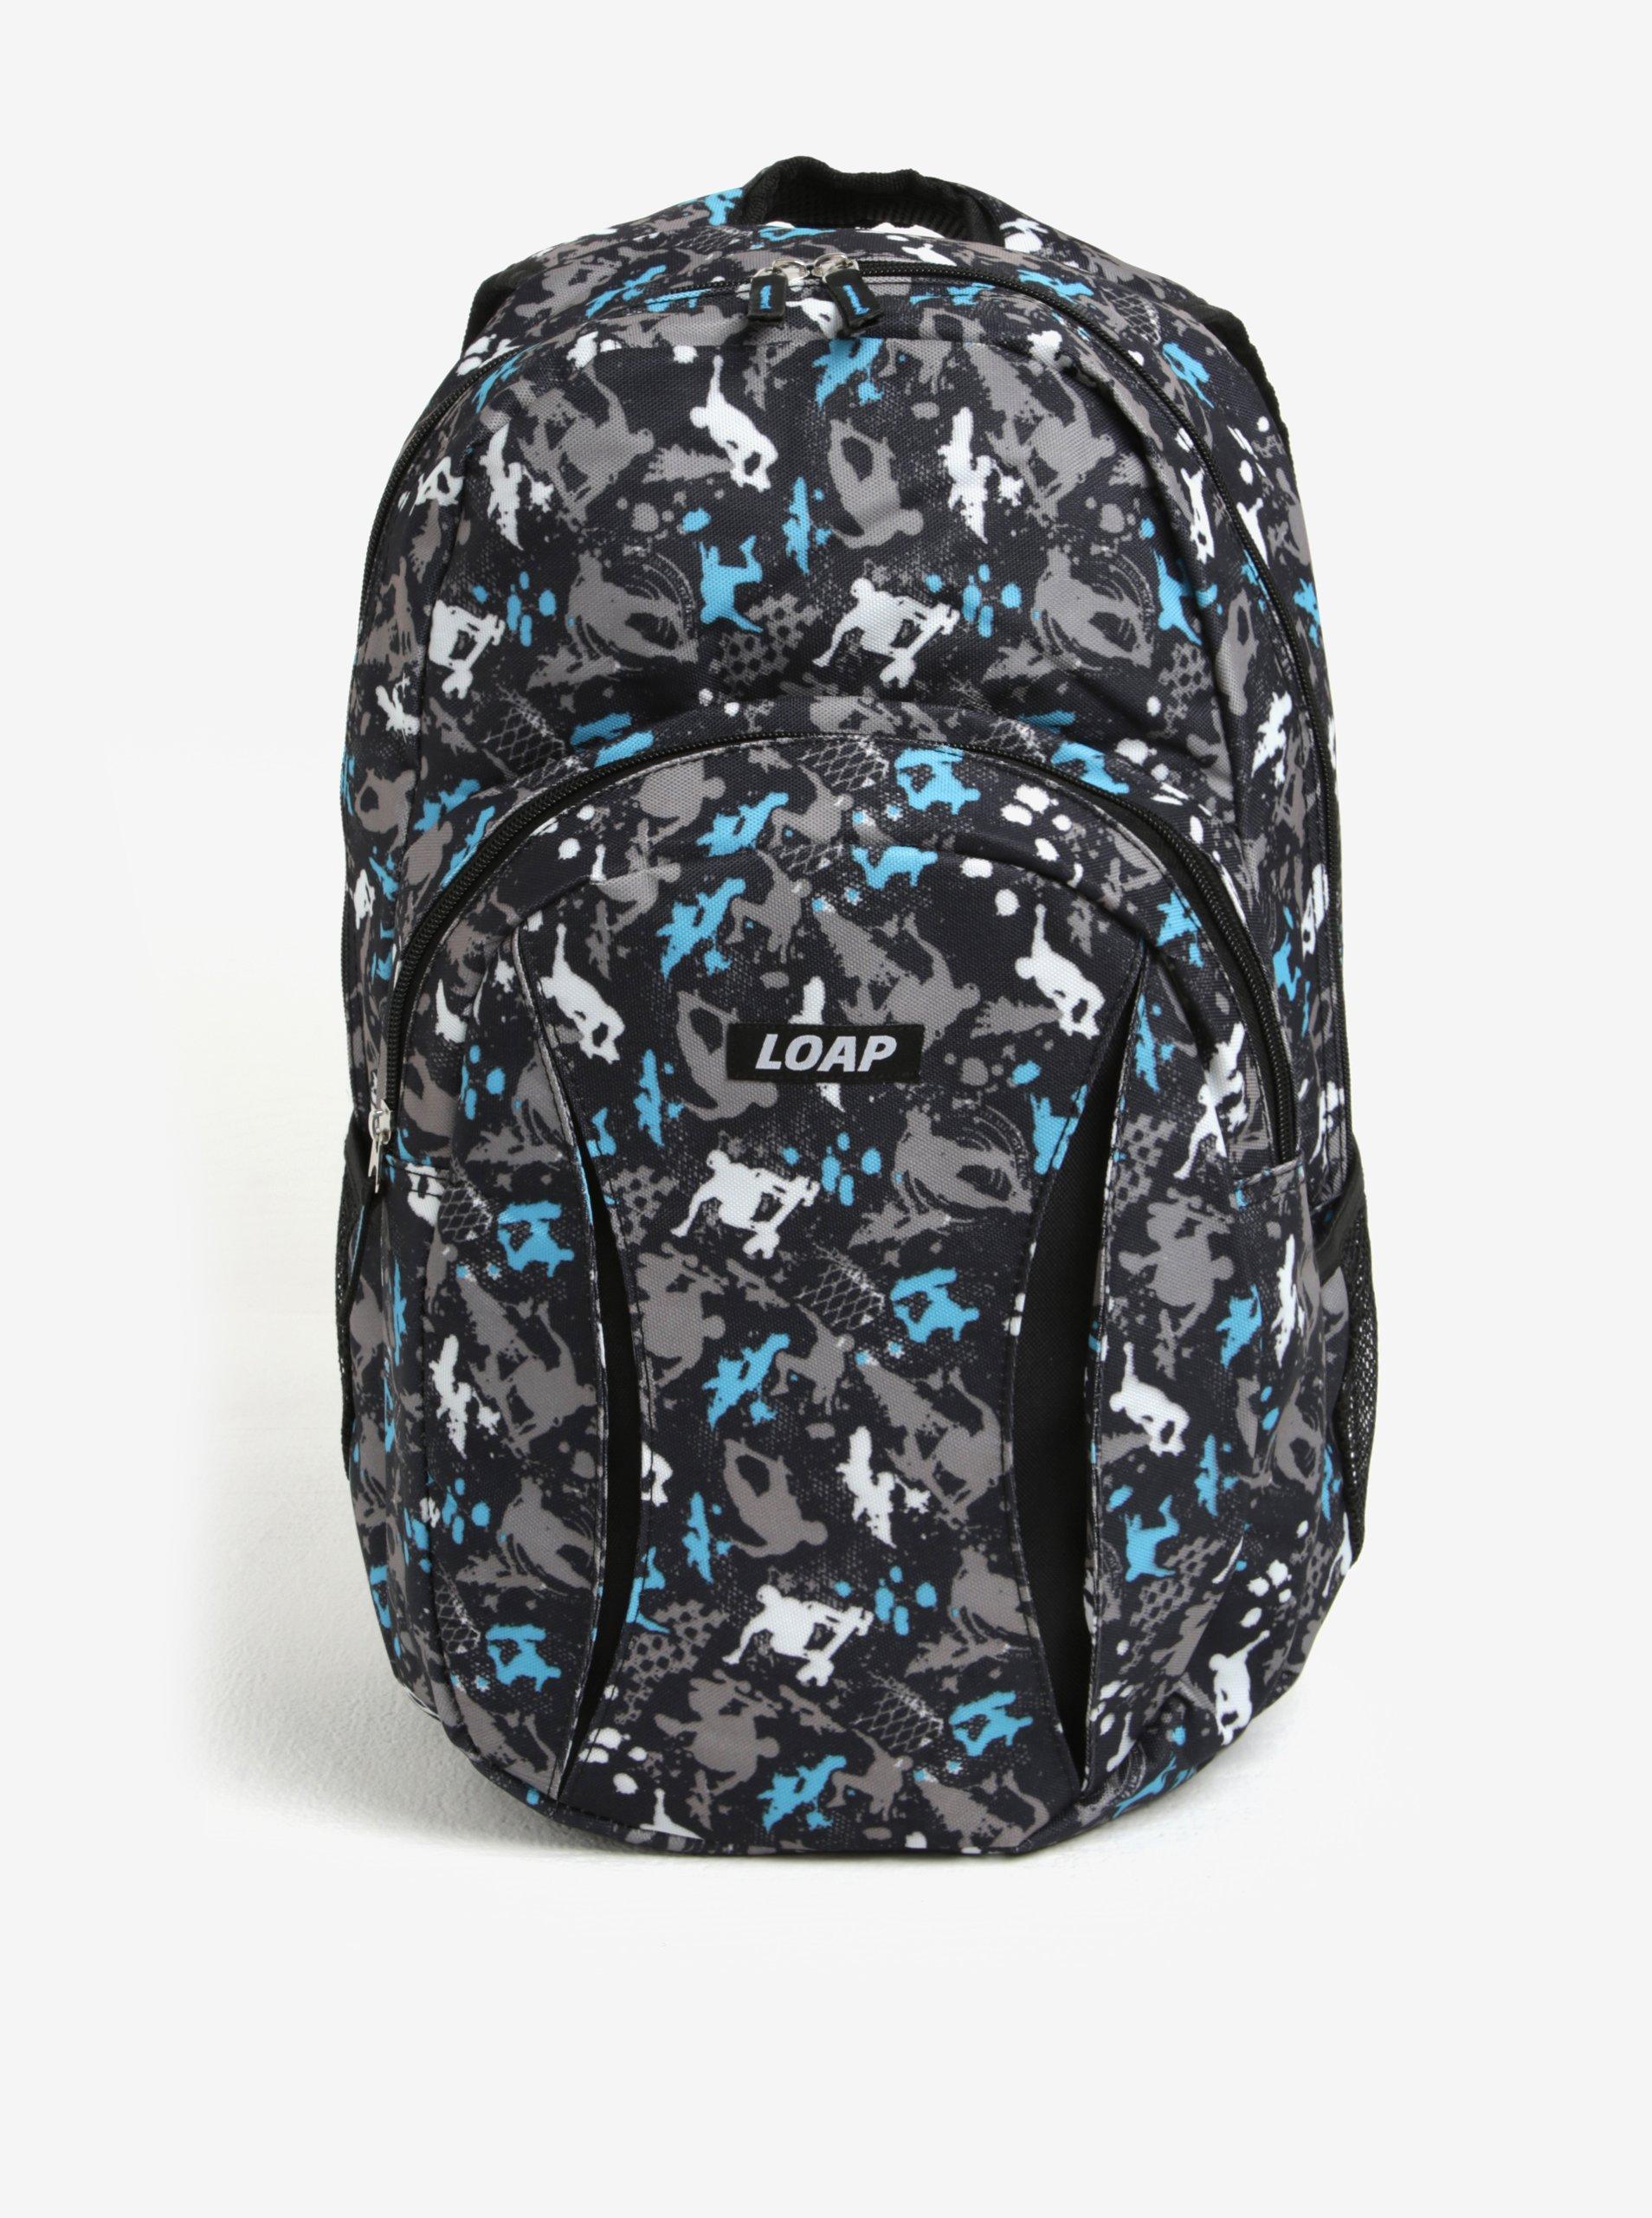 Šedo-modrý vzorovaný batoh LOAP Asso 20 l